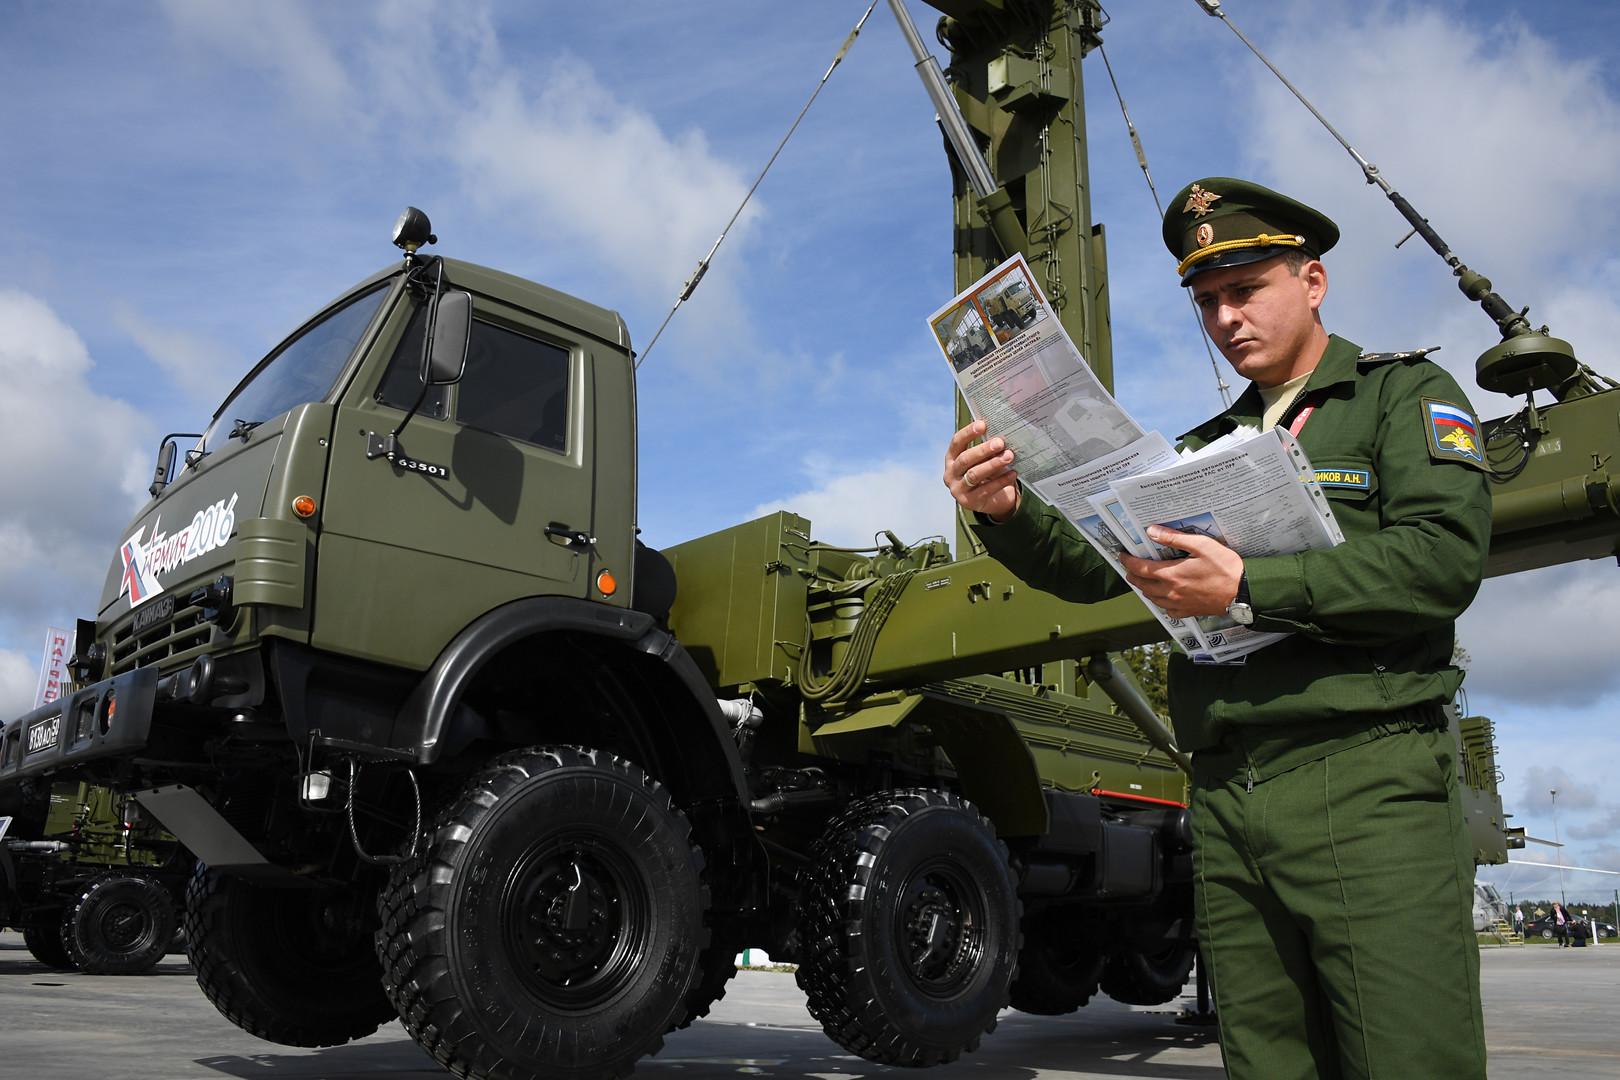 Мобильная трехкоординатная РЛС малых высот кругового обзора боевого режима межвидового применения «Подлёт-К1» представлена в открытой экспозиции на Международном военно-техническом форуме «Армия-2016».